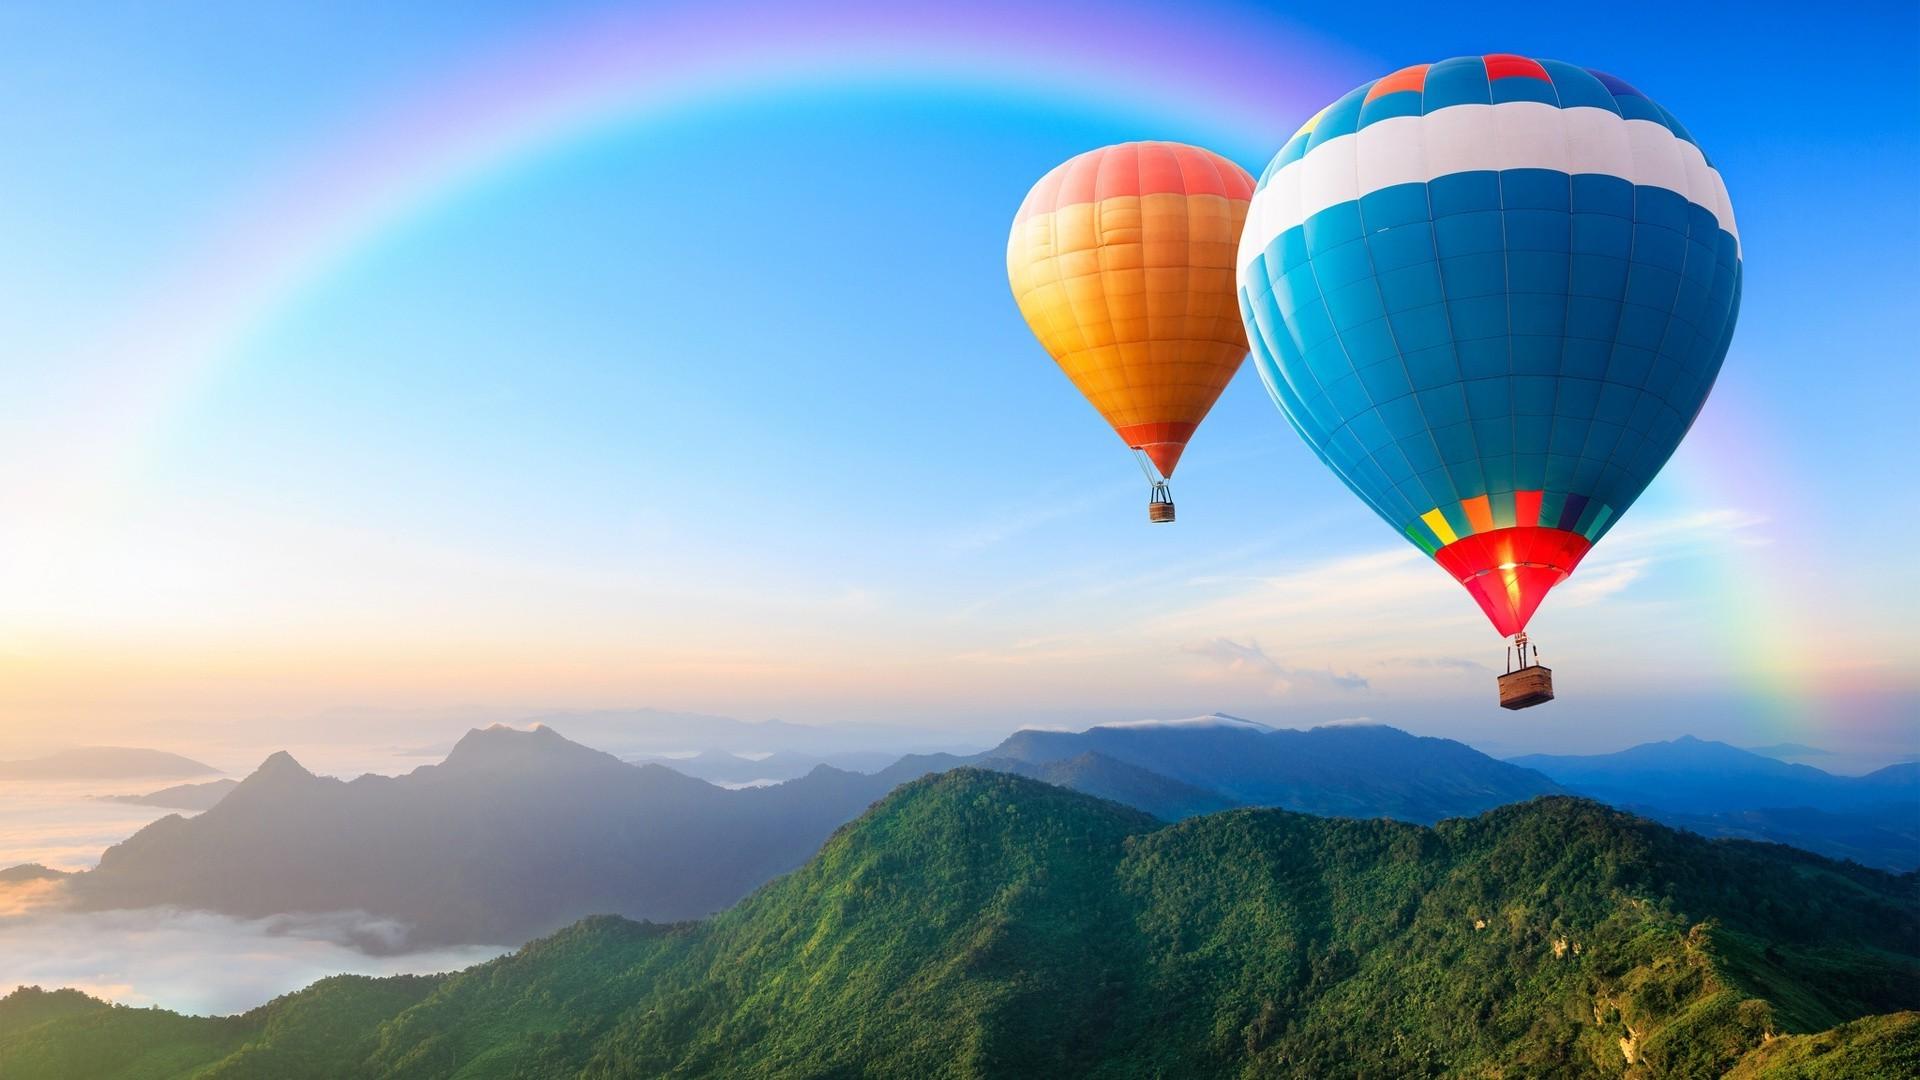 Красивые картинки на рабочий стол воздушные шары